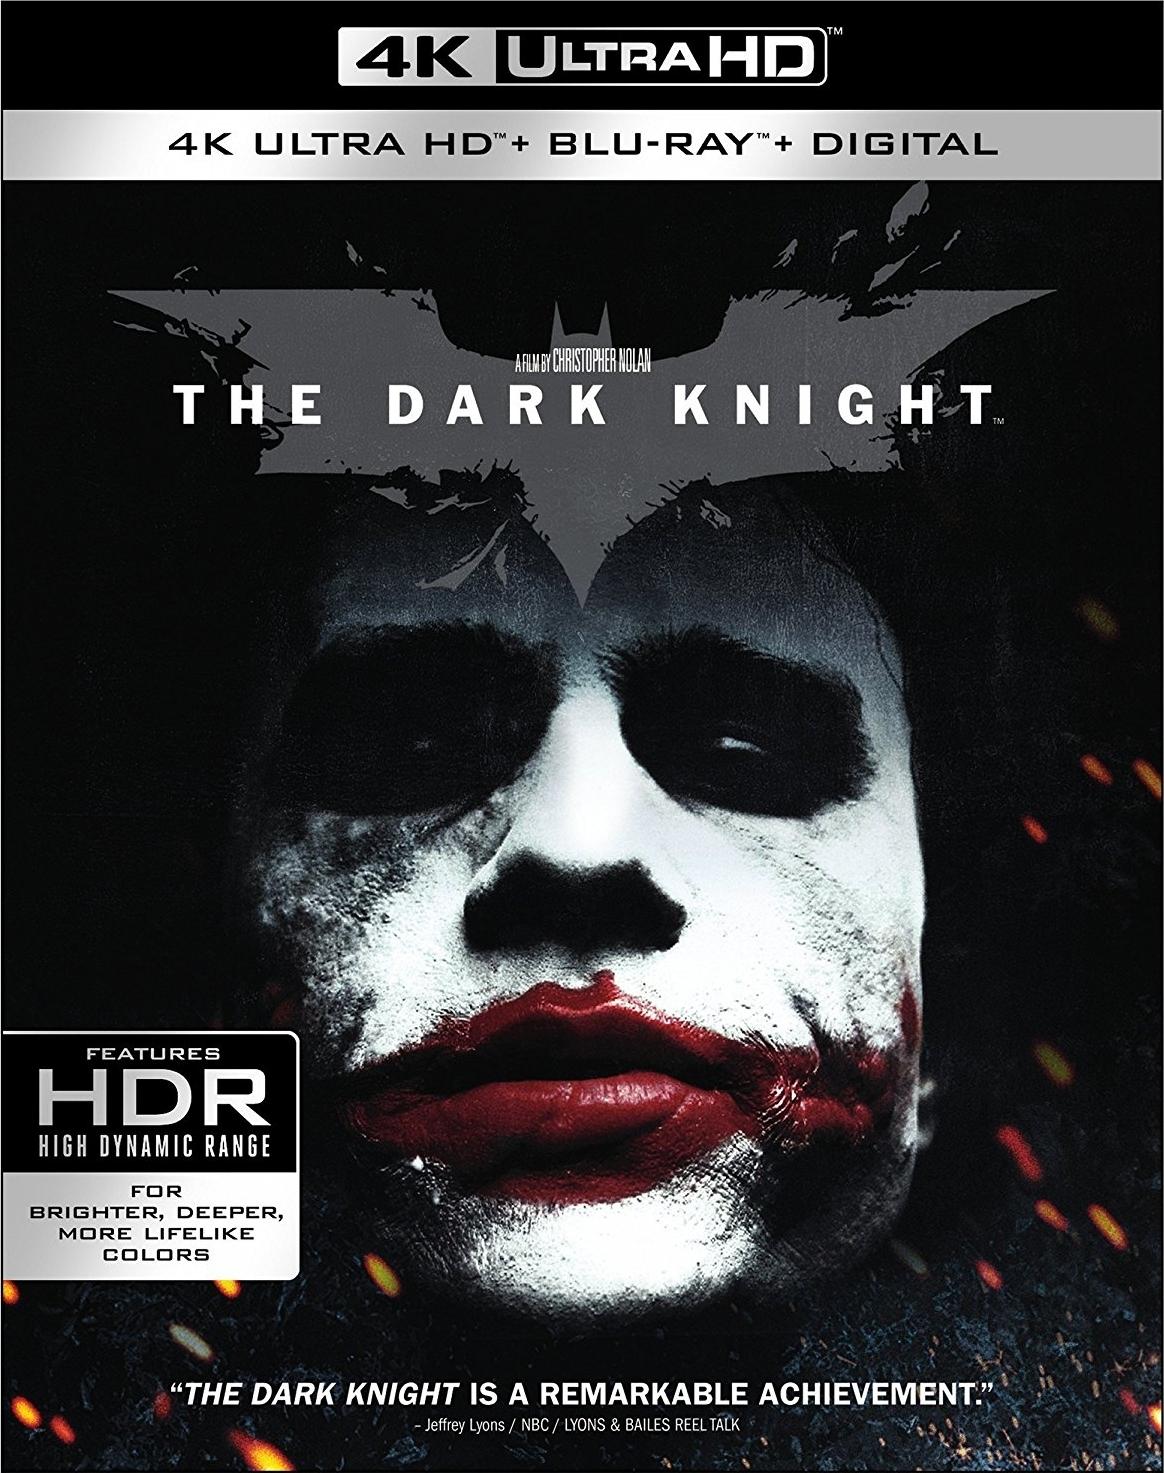 The Dark Knight 4K (2008) Ultra HD Blu-ray